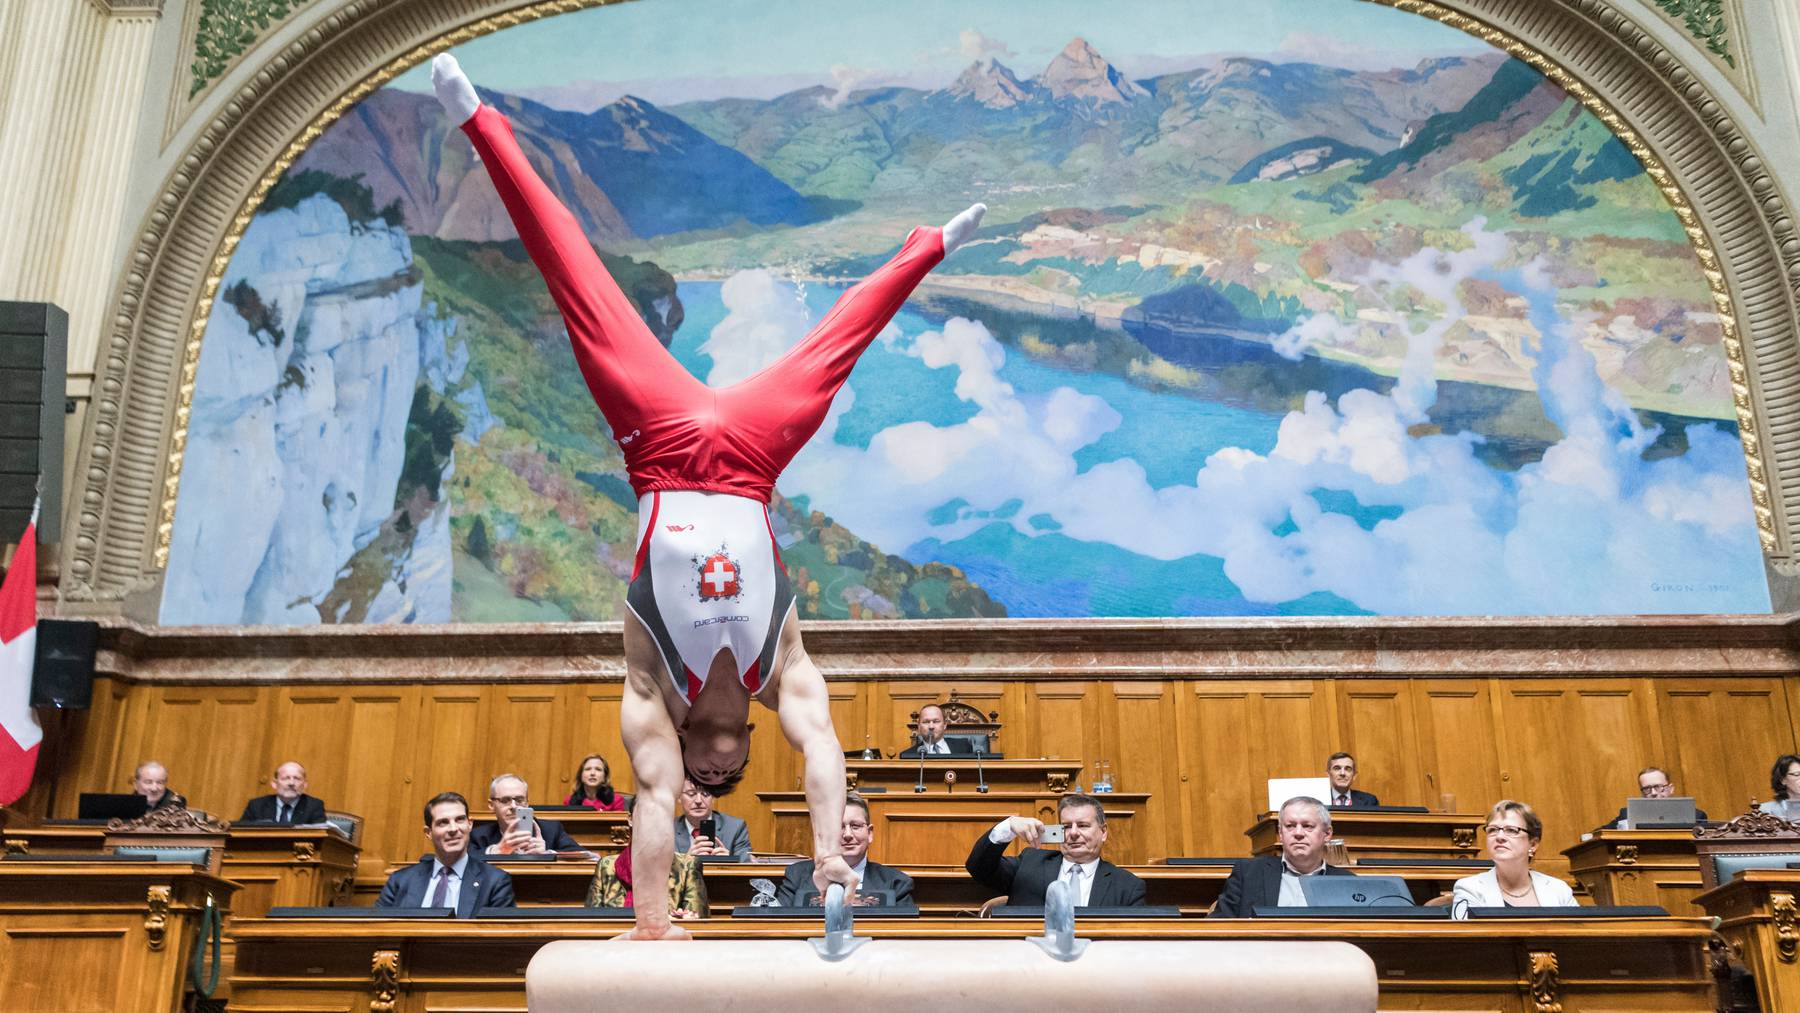 Der Nationalrat beschäftigte sich am Donnerstag mit den Missbrauchsfällen im Schweizer Sport. (Archivbild)